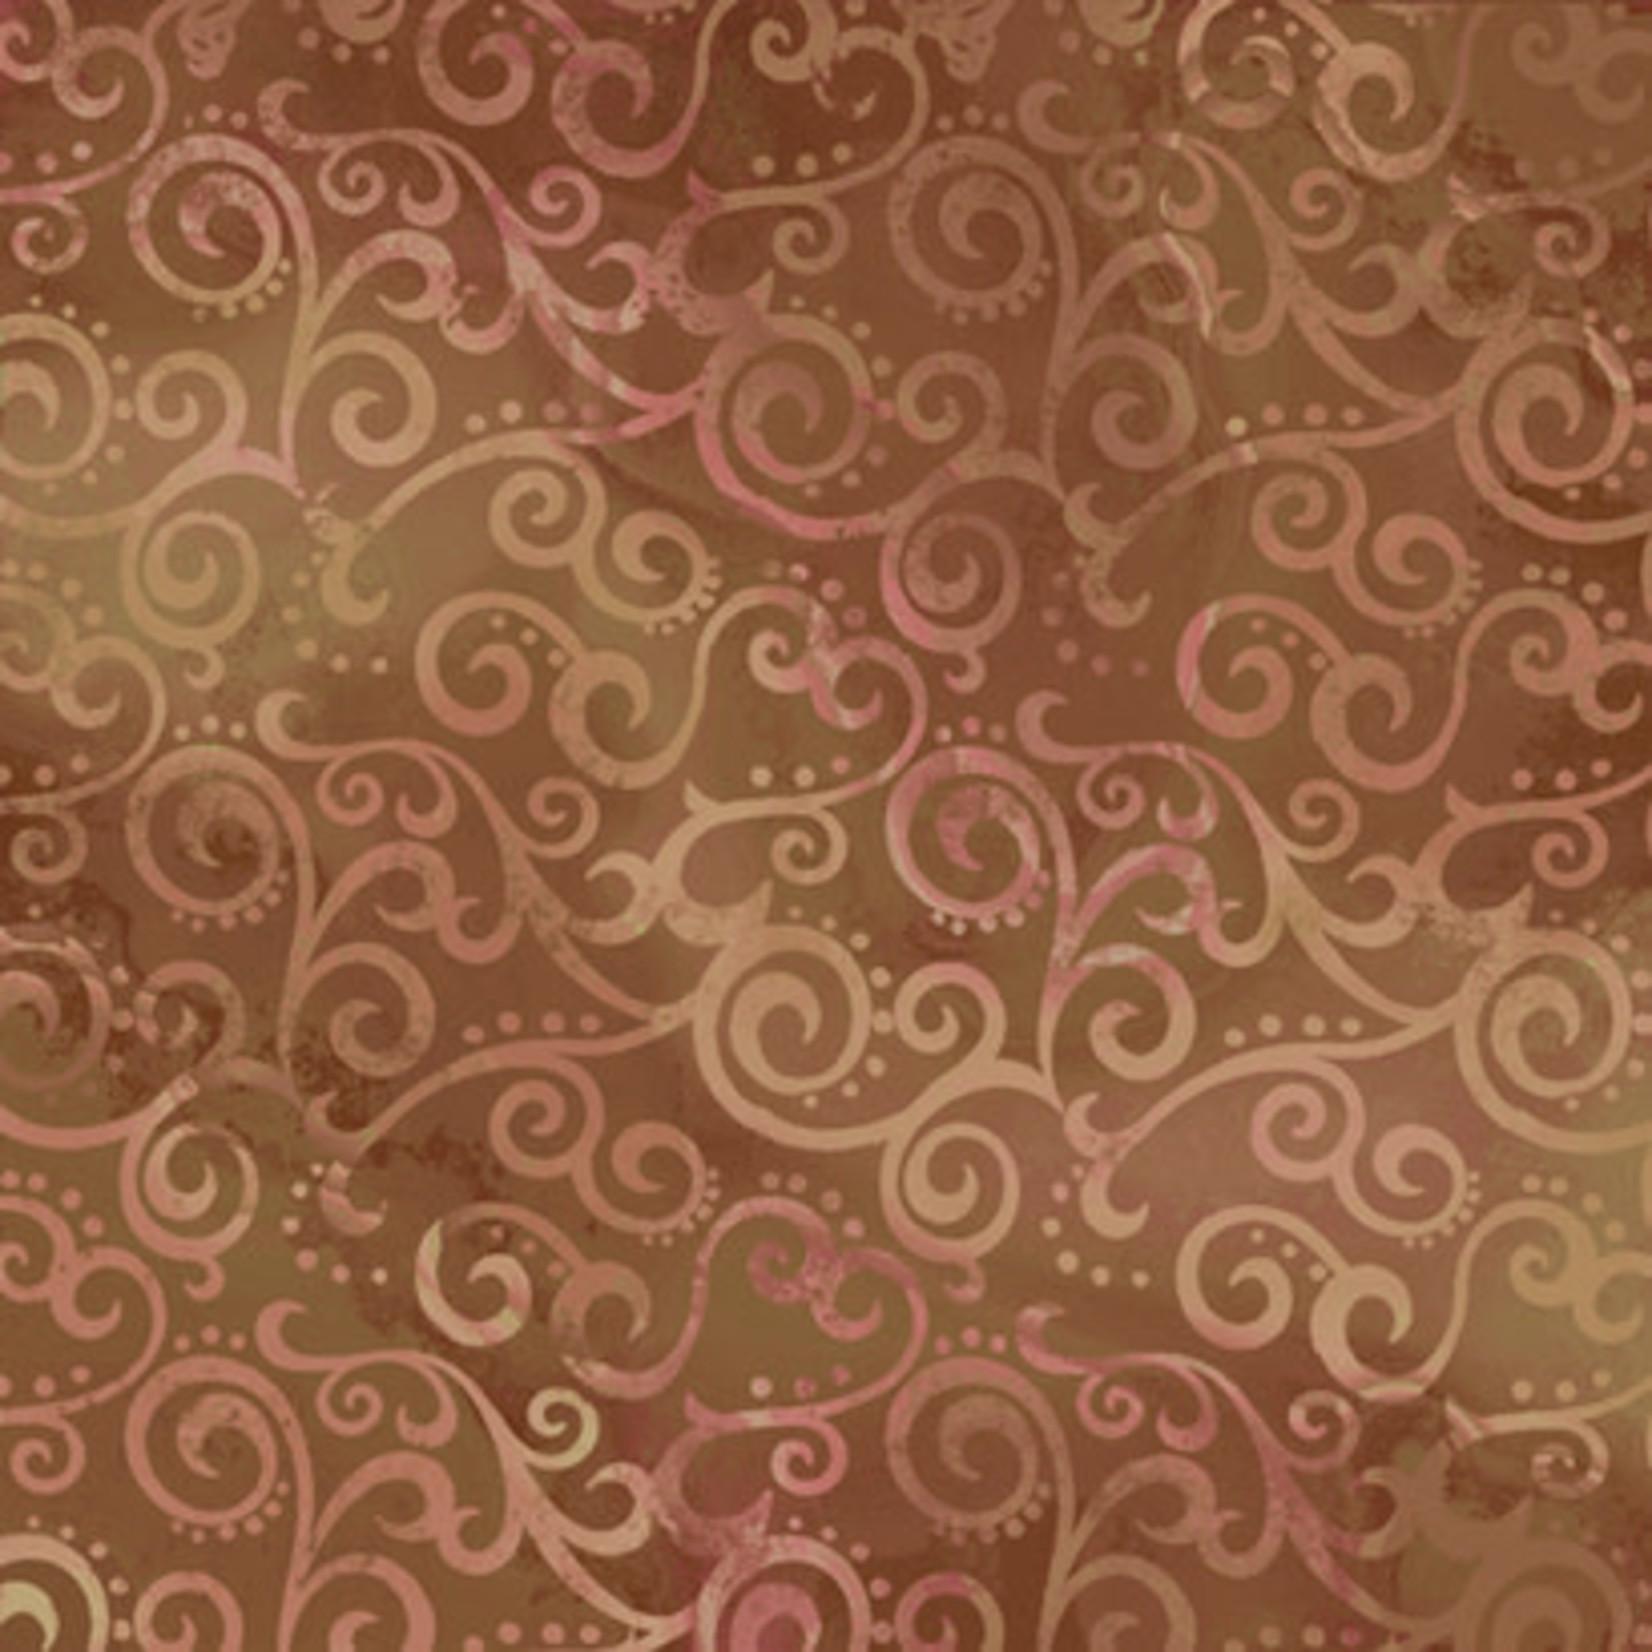 QT Fabrics Ombre Scroll - Sable